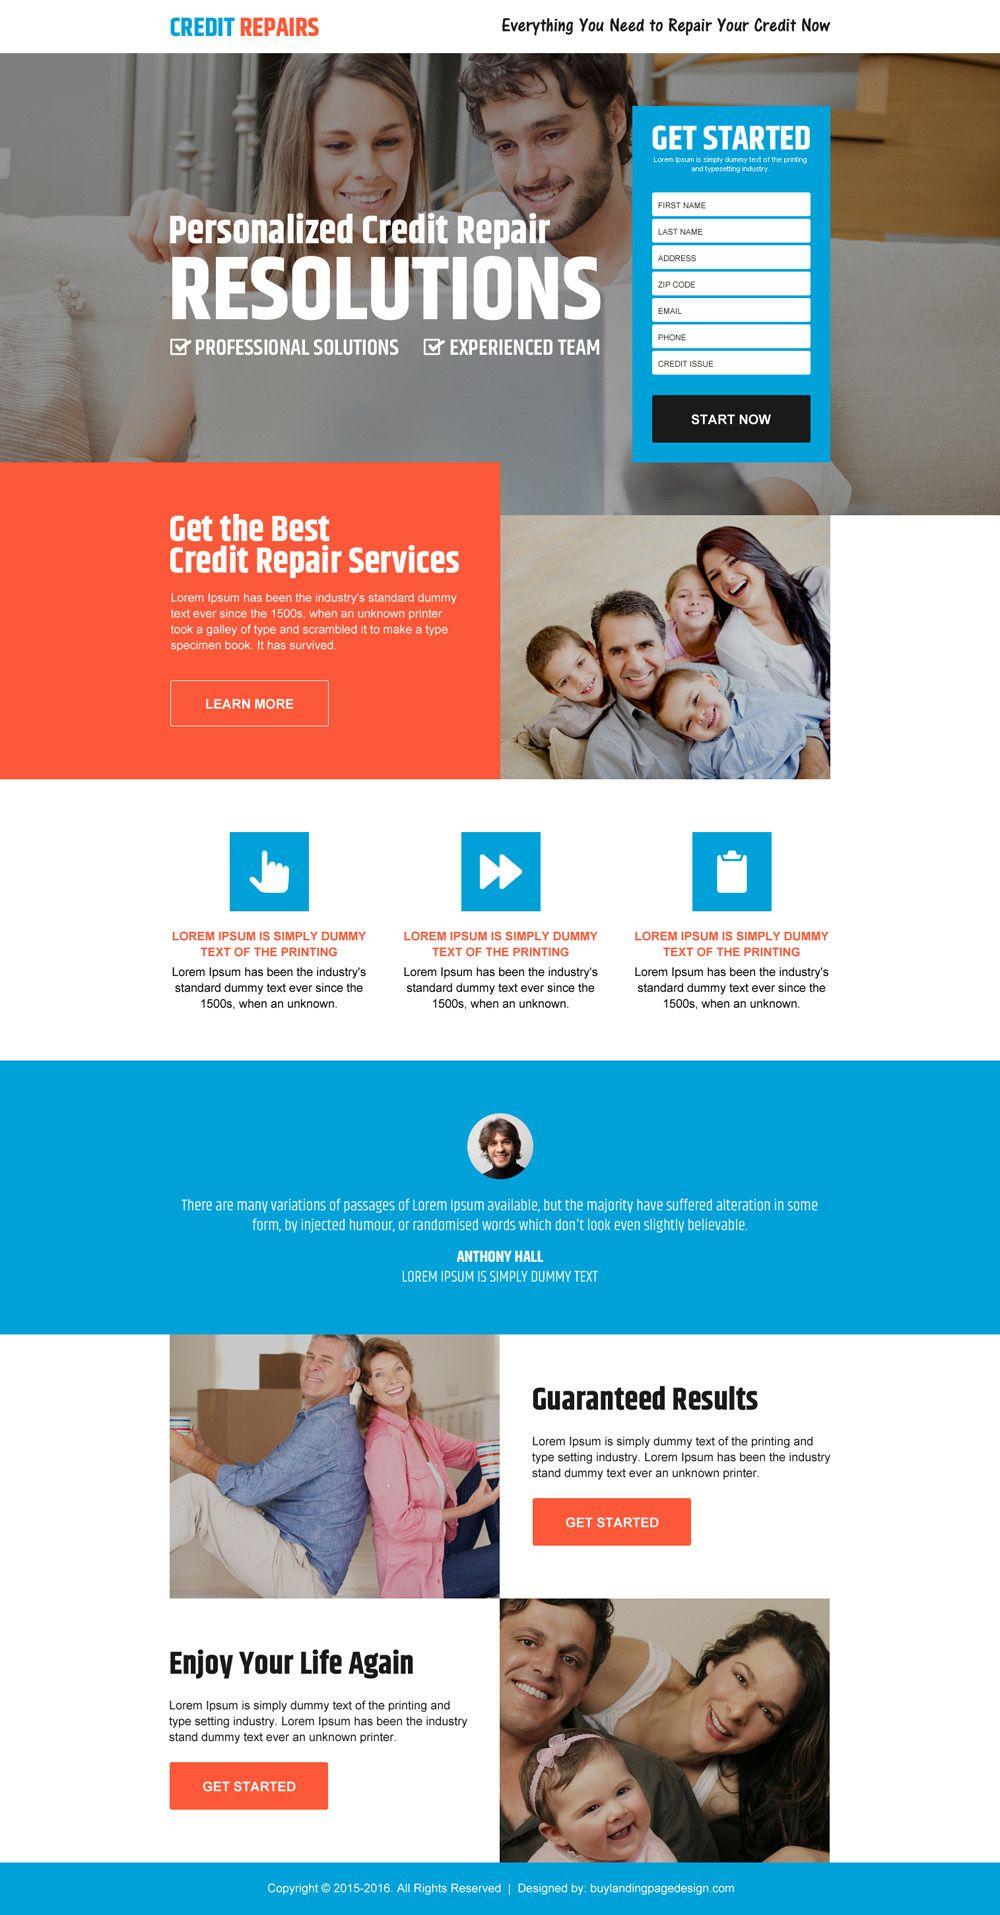 Credit Repair Website Templates